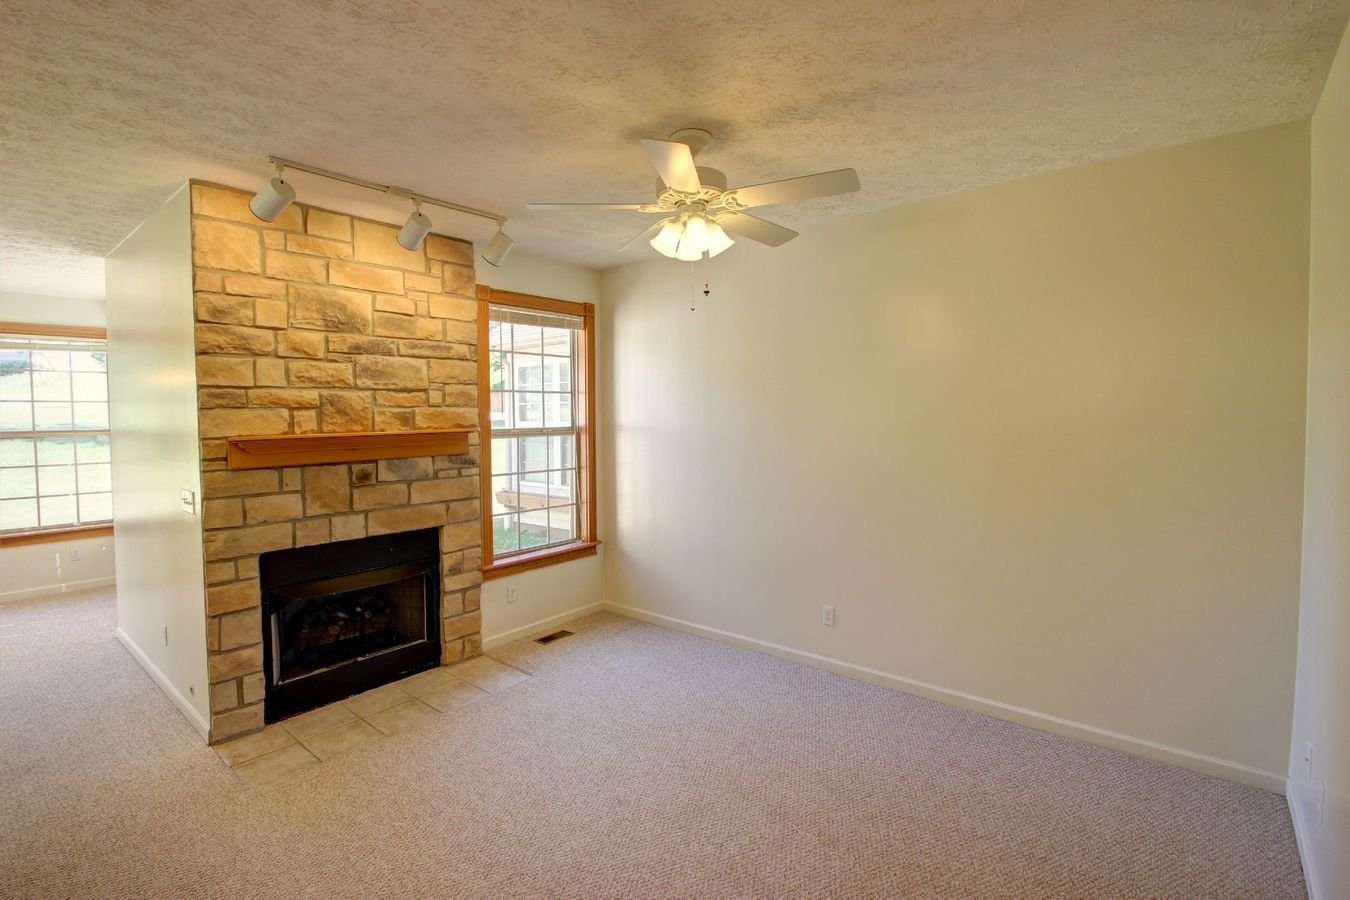 3 Bedrooms 2 Bathrooms Apartment for rent at Meadowcreek Neighborhood in Bloomington, IN